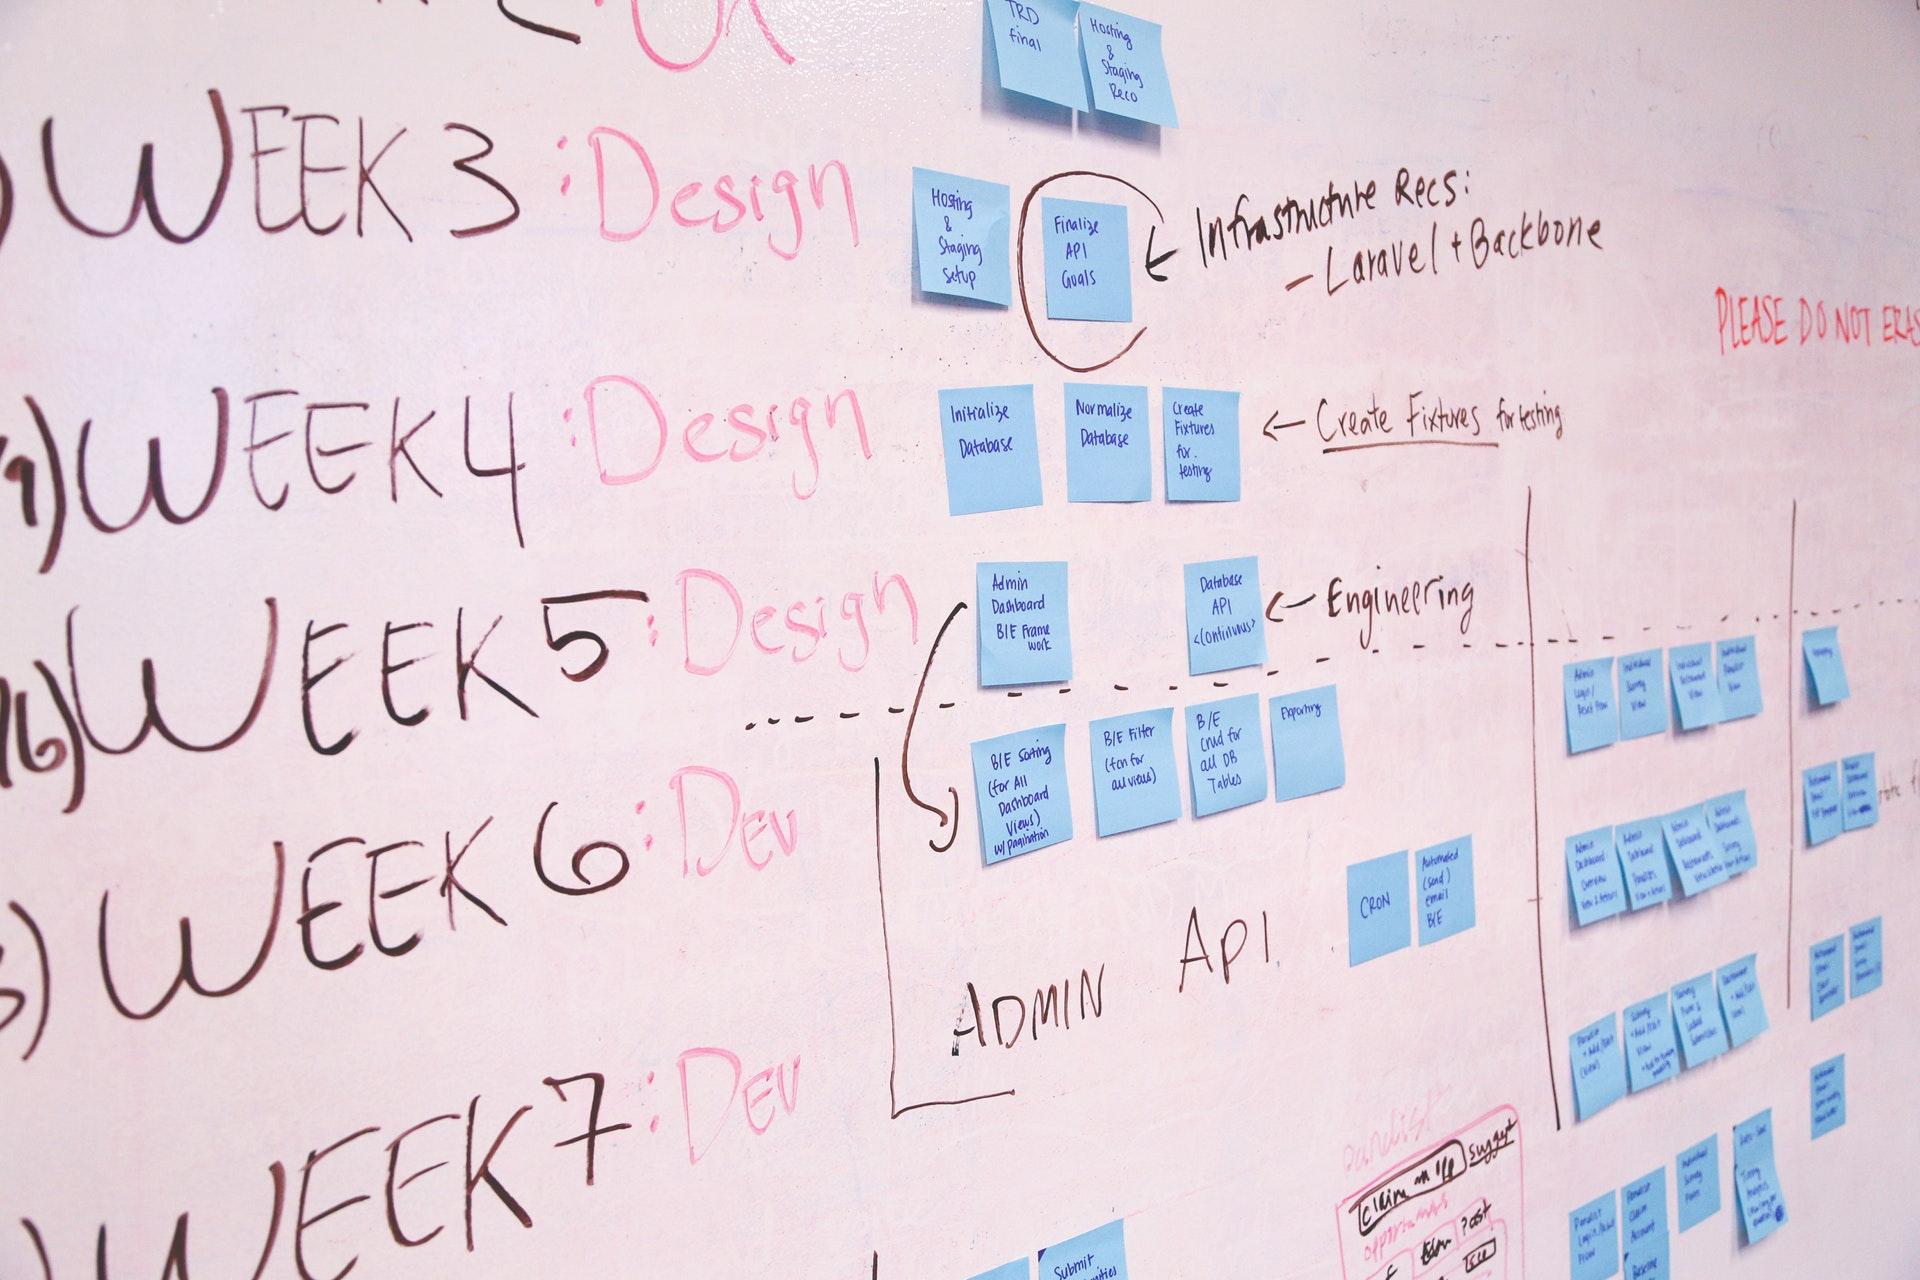 นักศึกษา มอ.  จงใช้! PSU SIS Class Schedule Creator เครื่องมือในการทำตารางเรียนแบบอัตโนมัติ